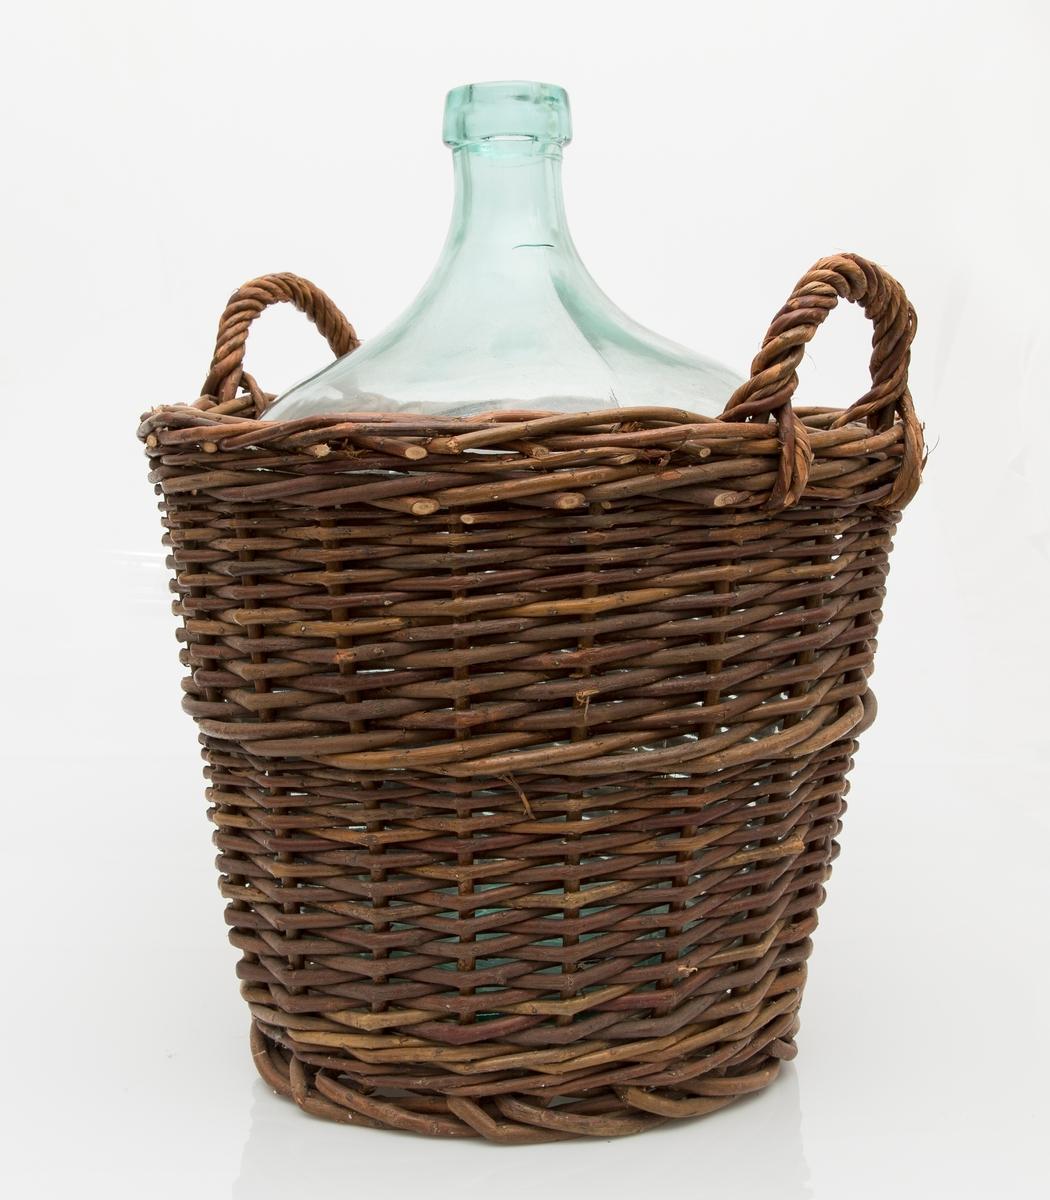 Vinanker plassert i en flettet kurv av pil. Kurven har to håndtak. Vinankeret smalner nederst, mangler kork.